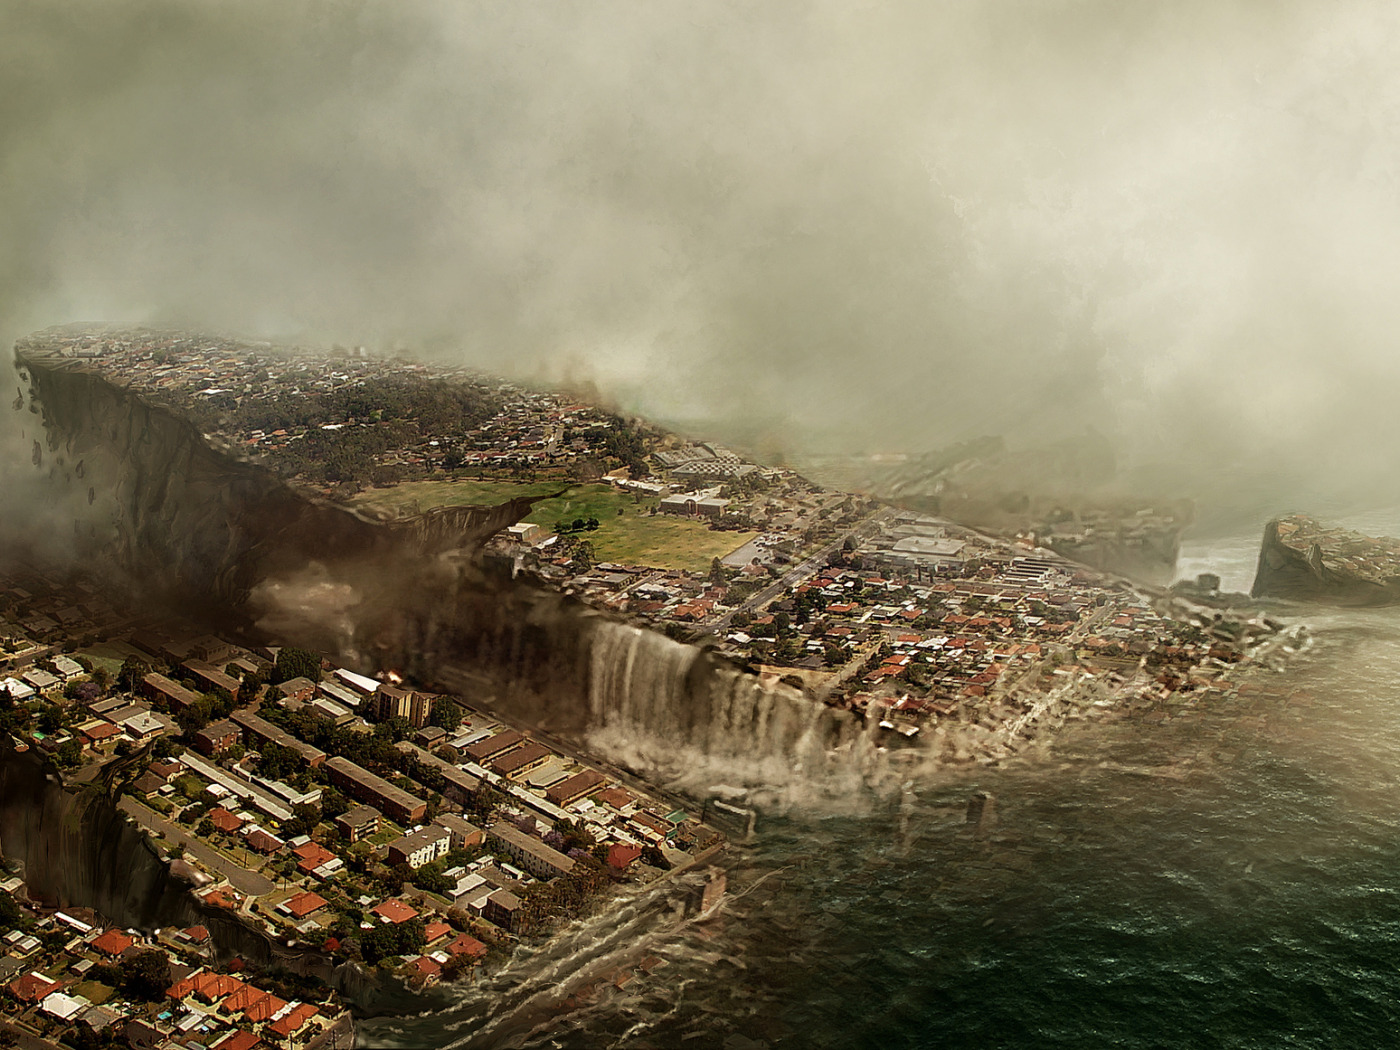 Картинки конца света онлайн